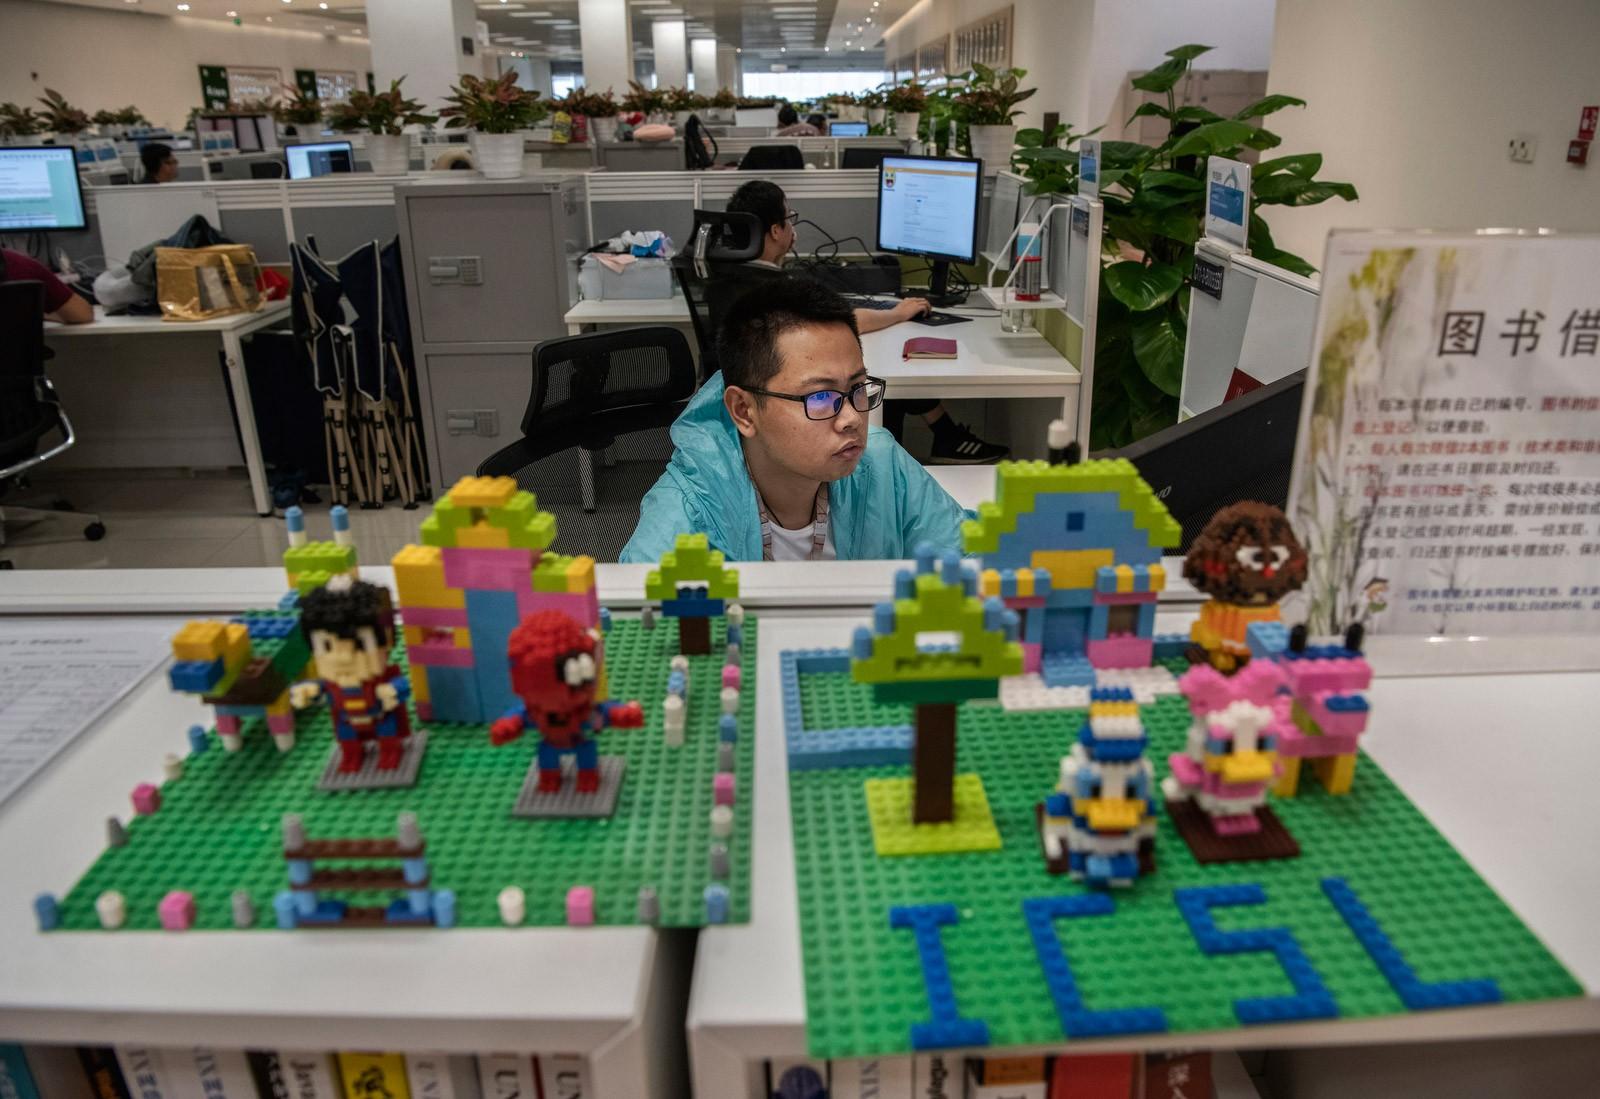 Bên trong Huawei: Đế chế công nghệ bí ẩn của thế giới nhưng là niềm mơ ước của người lao động Trung Quốc - Ảnh 6.